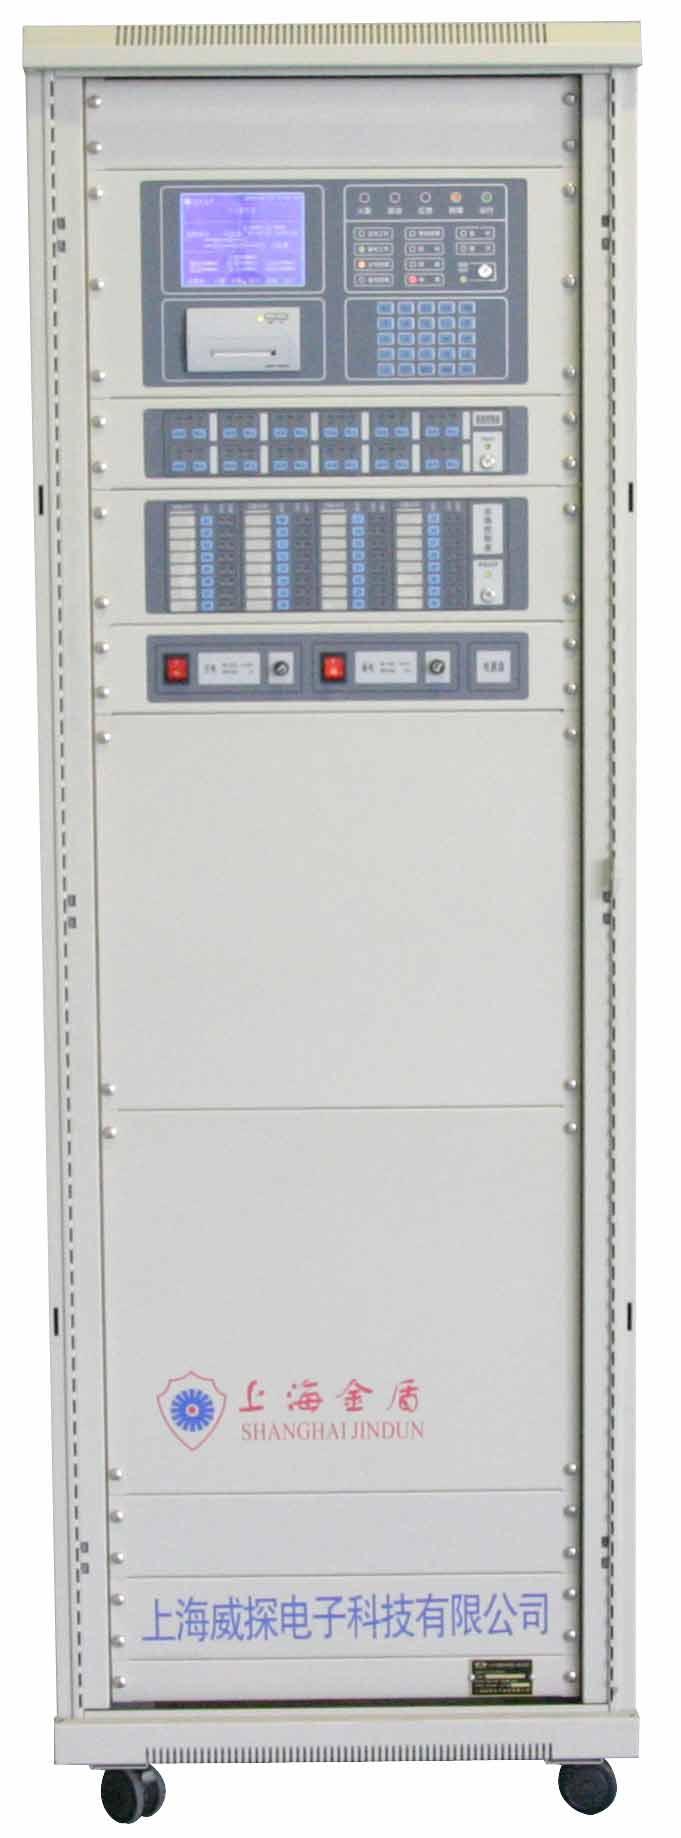 火灾报警控制器(联动型)